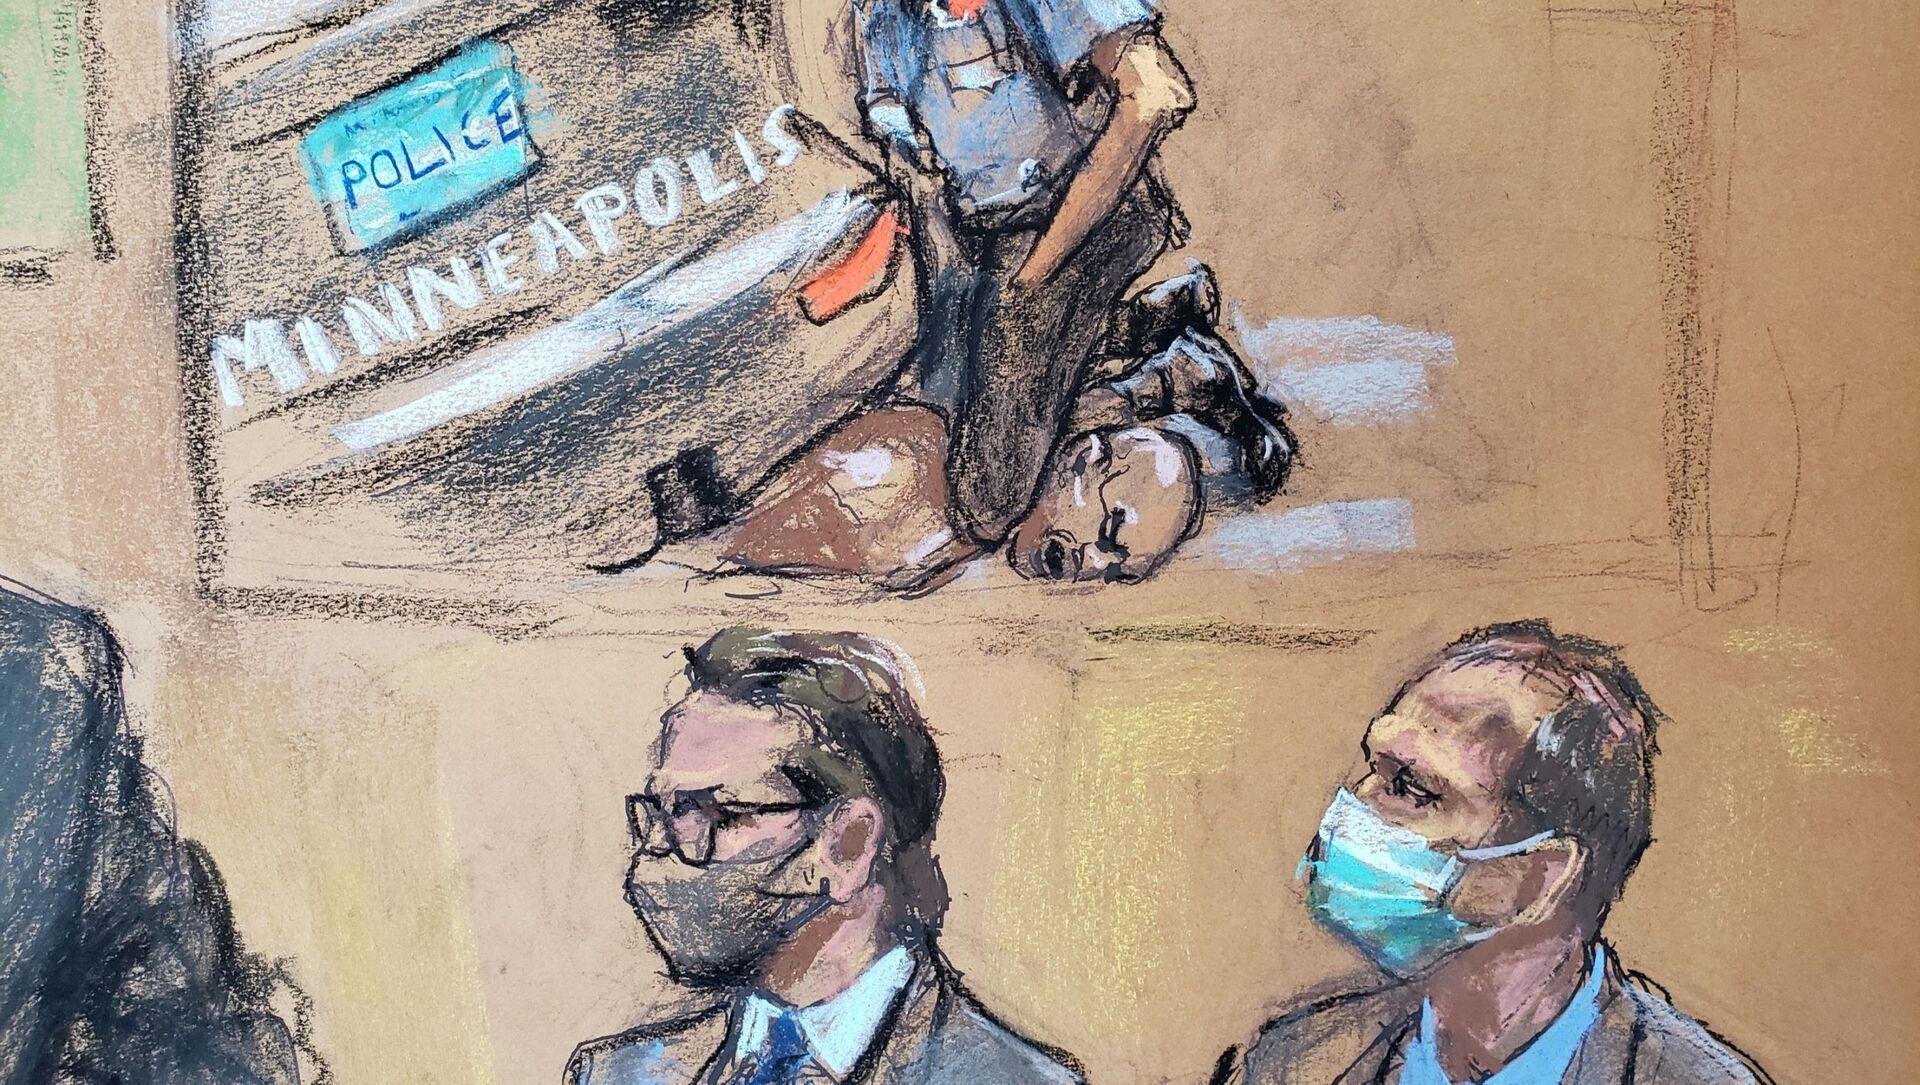 Mahkeme çizimiyle George Floyd davasında boğularak öldürülmesinin videosu gösterilirken avukat Eric Nelson ile müvekkili olan eski polis memuru Derek Chauvin (sağda) - Sputnik Türkiye, 1920, 31.03.2021